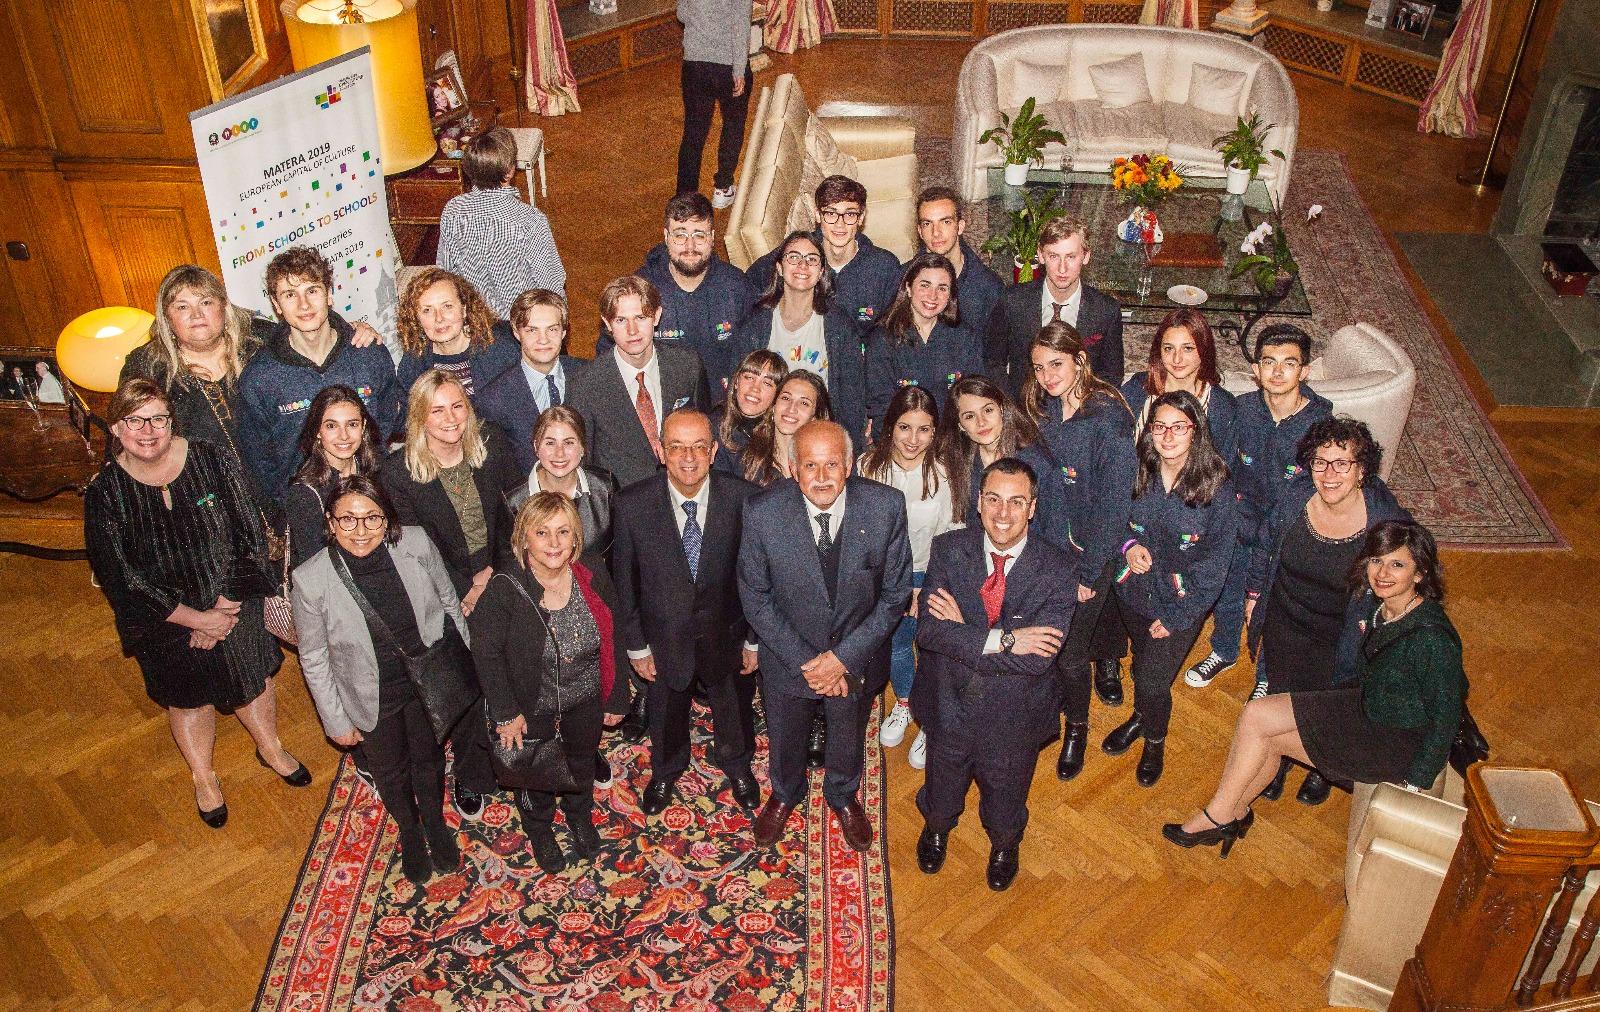 Da Catania a Stoccolma per rappresentare l'Italia e la Sicilia: Spedalieri ad alto livello